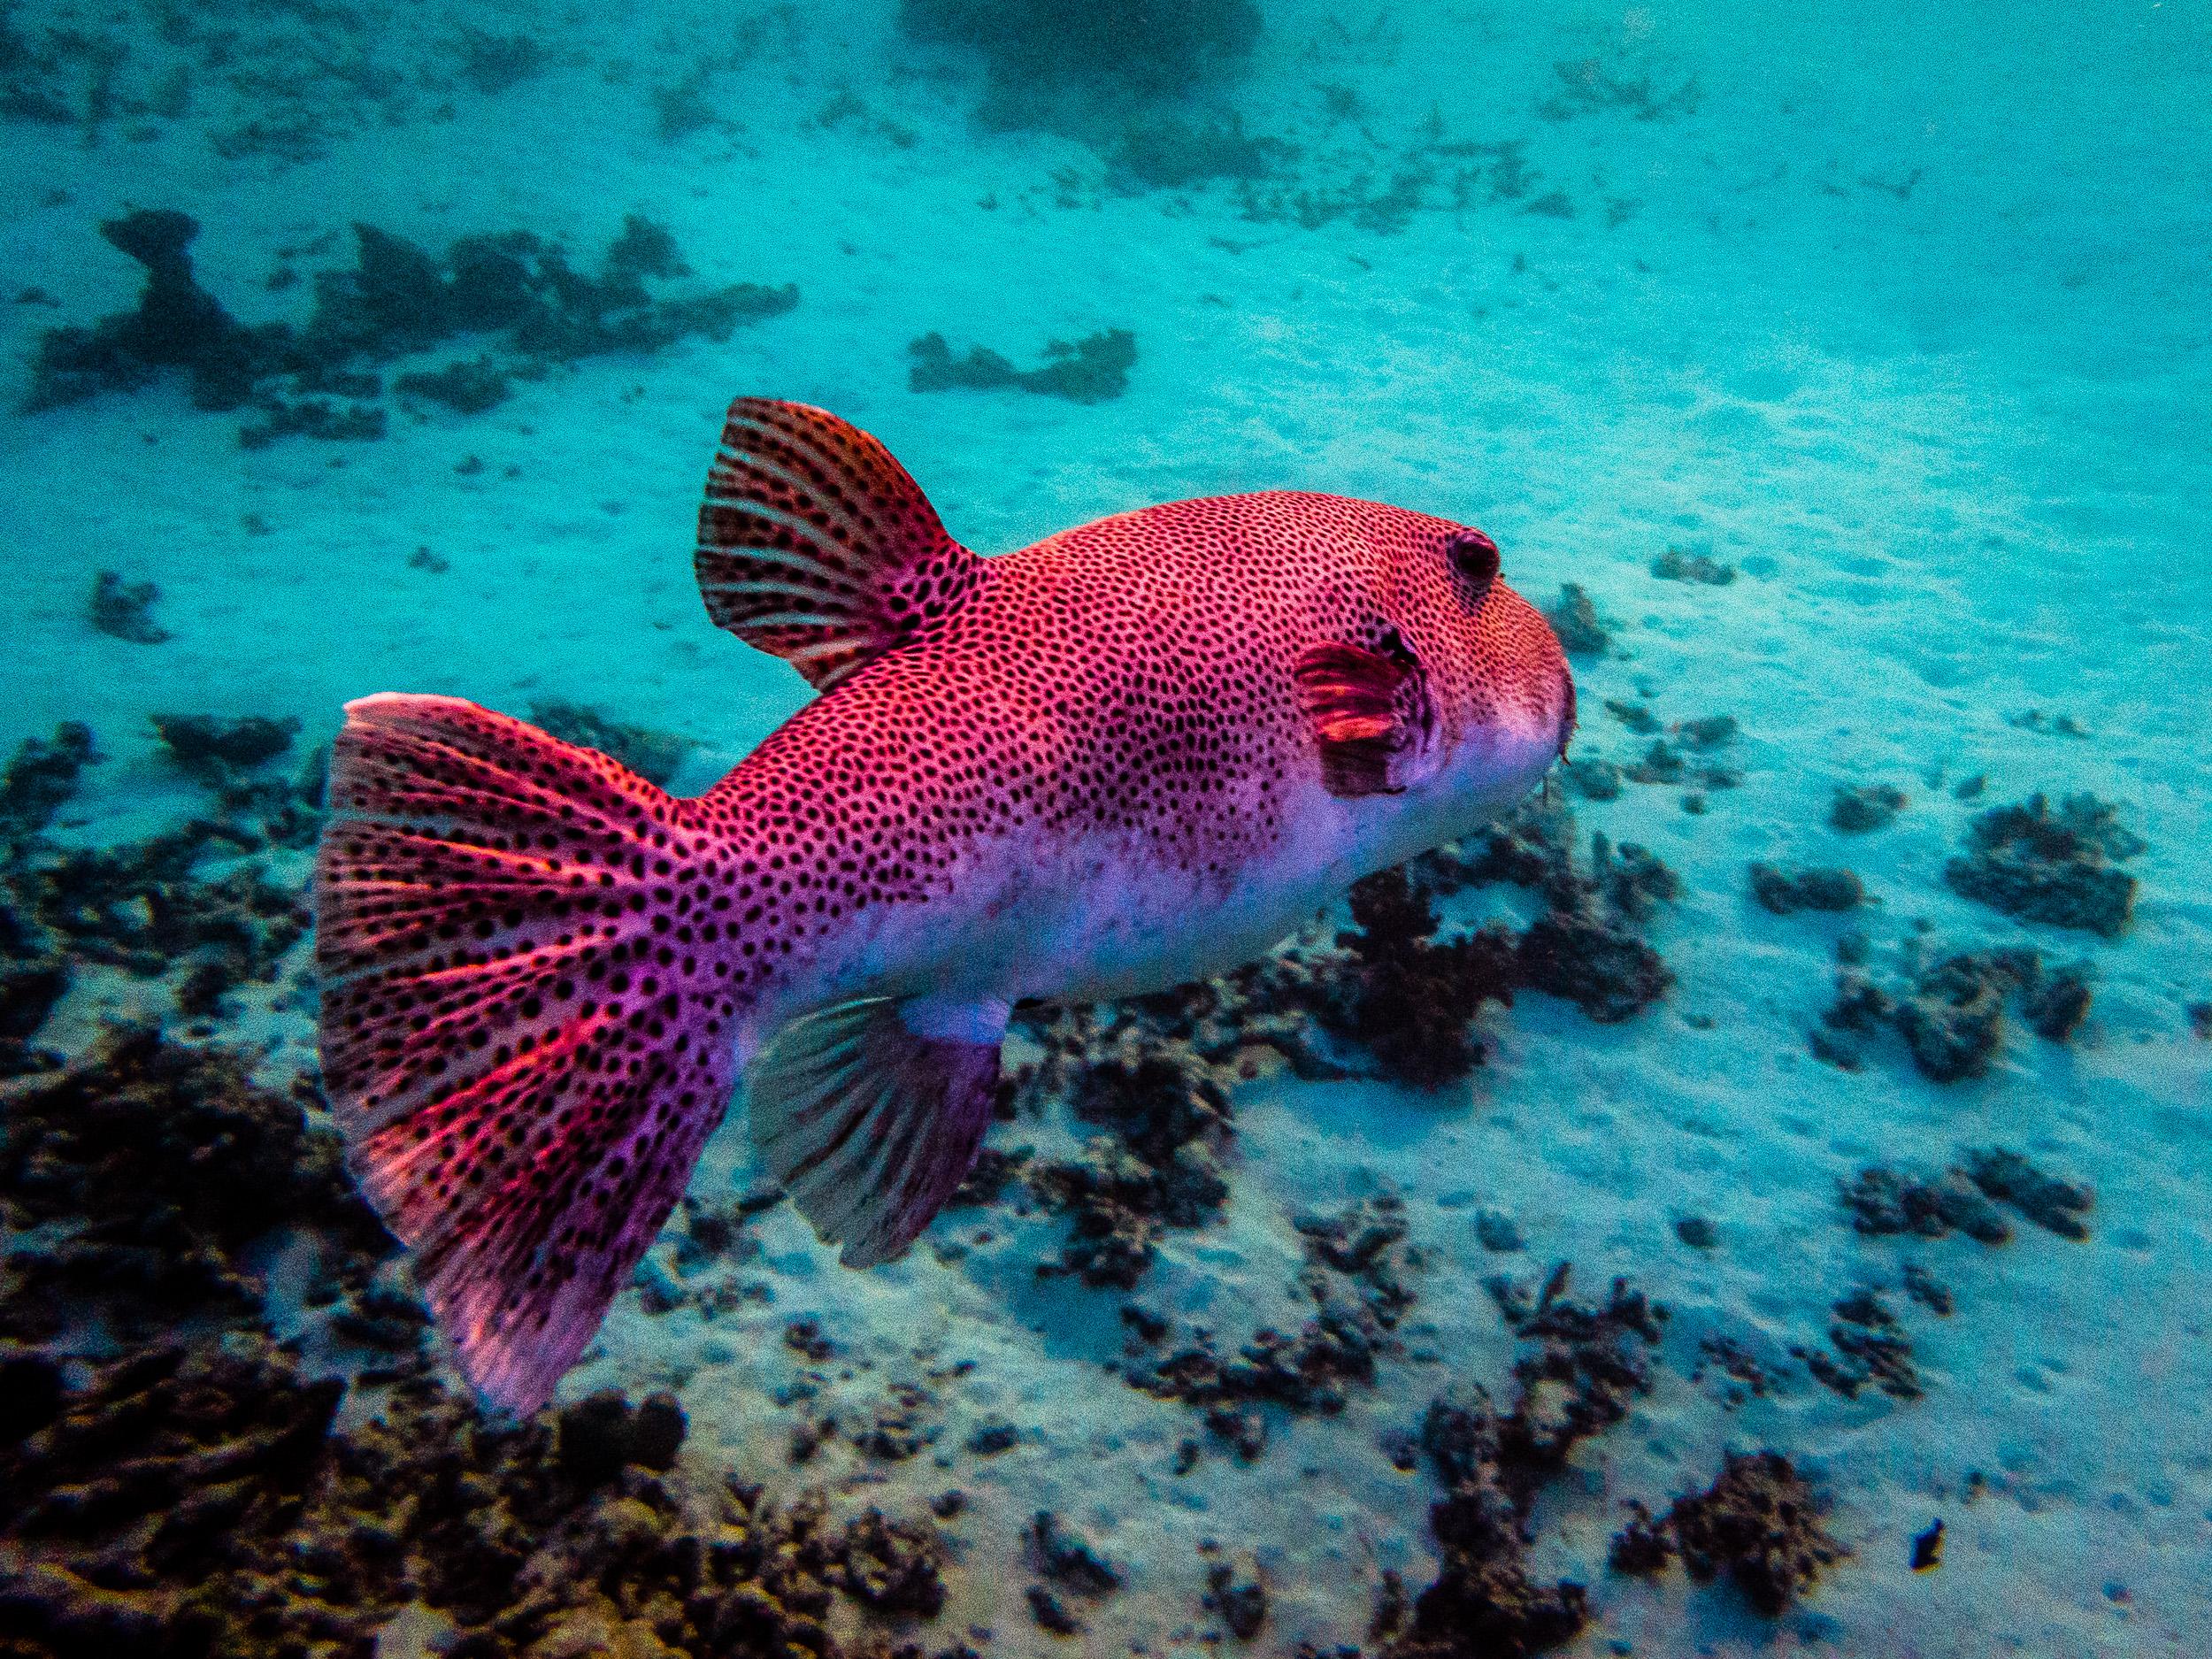 Spyrides_Kyle_Ningaloo_Reef_Sal_Salis.13.5.2016P5131864.jpg